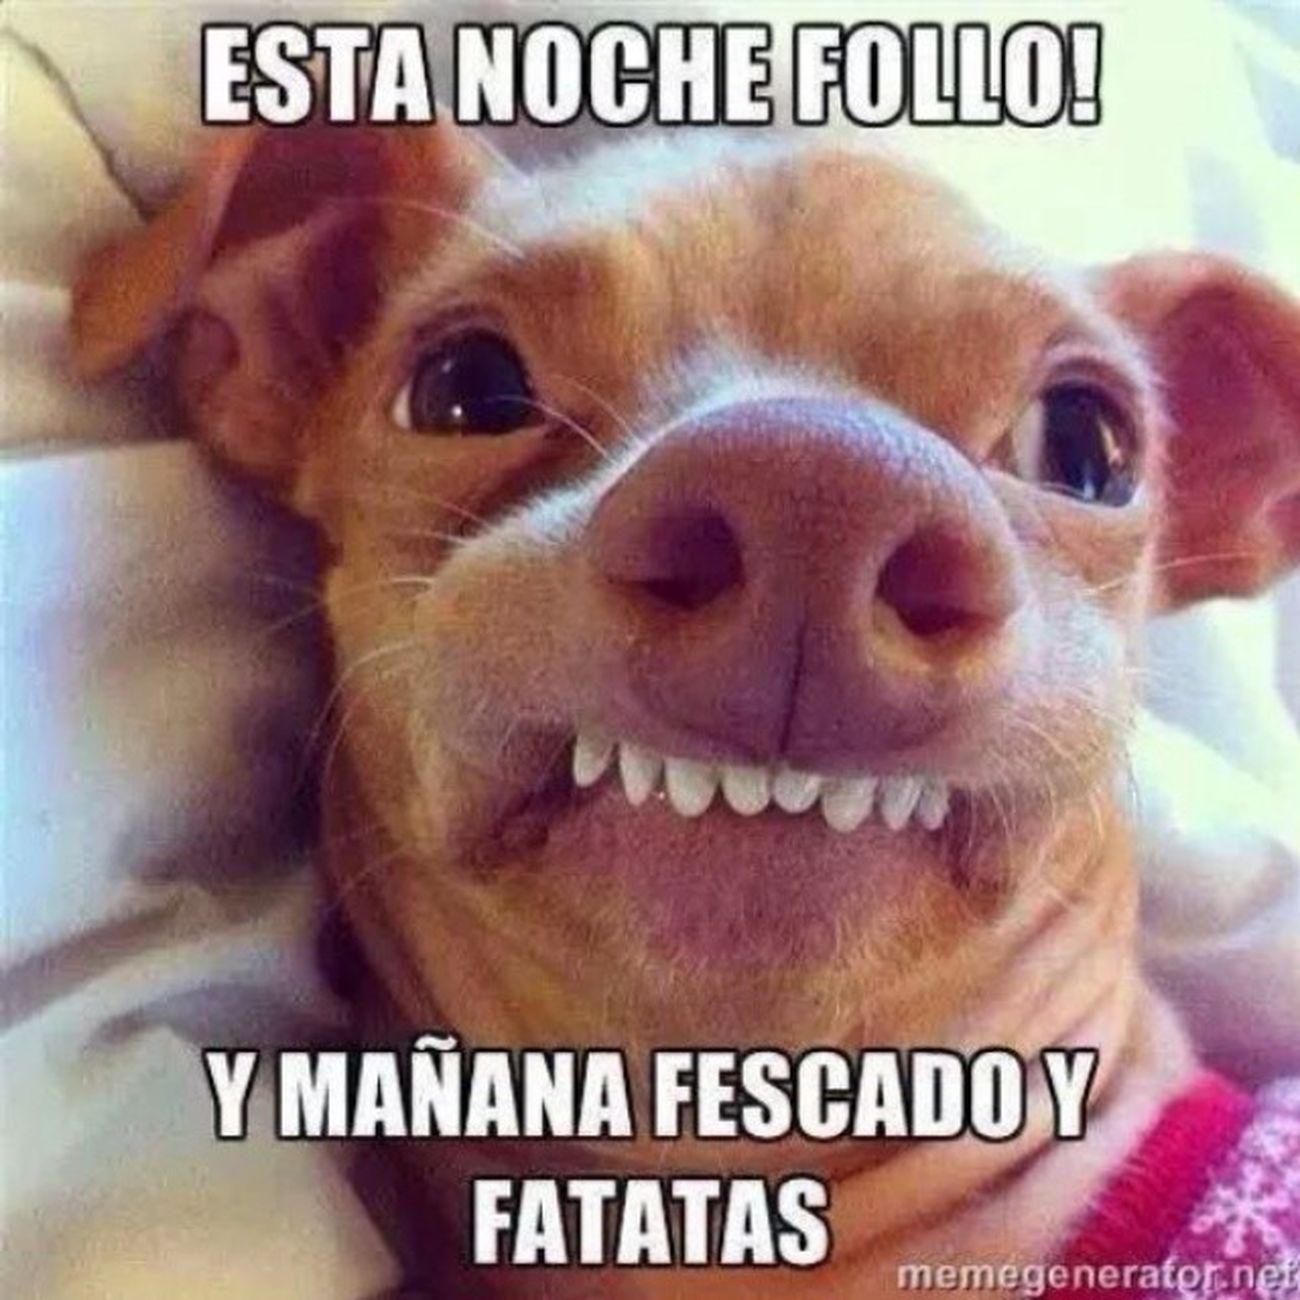 Wuajajajajajajaj XD Follo  Fescado Fatatas ajjajaja